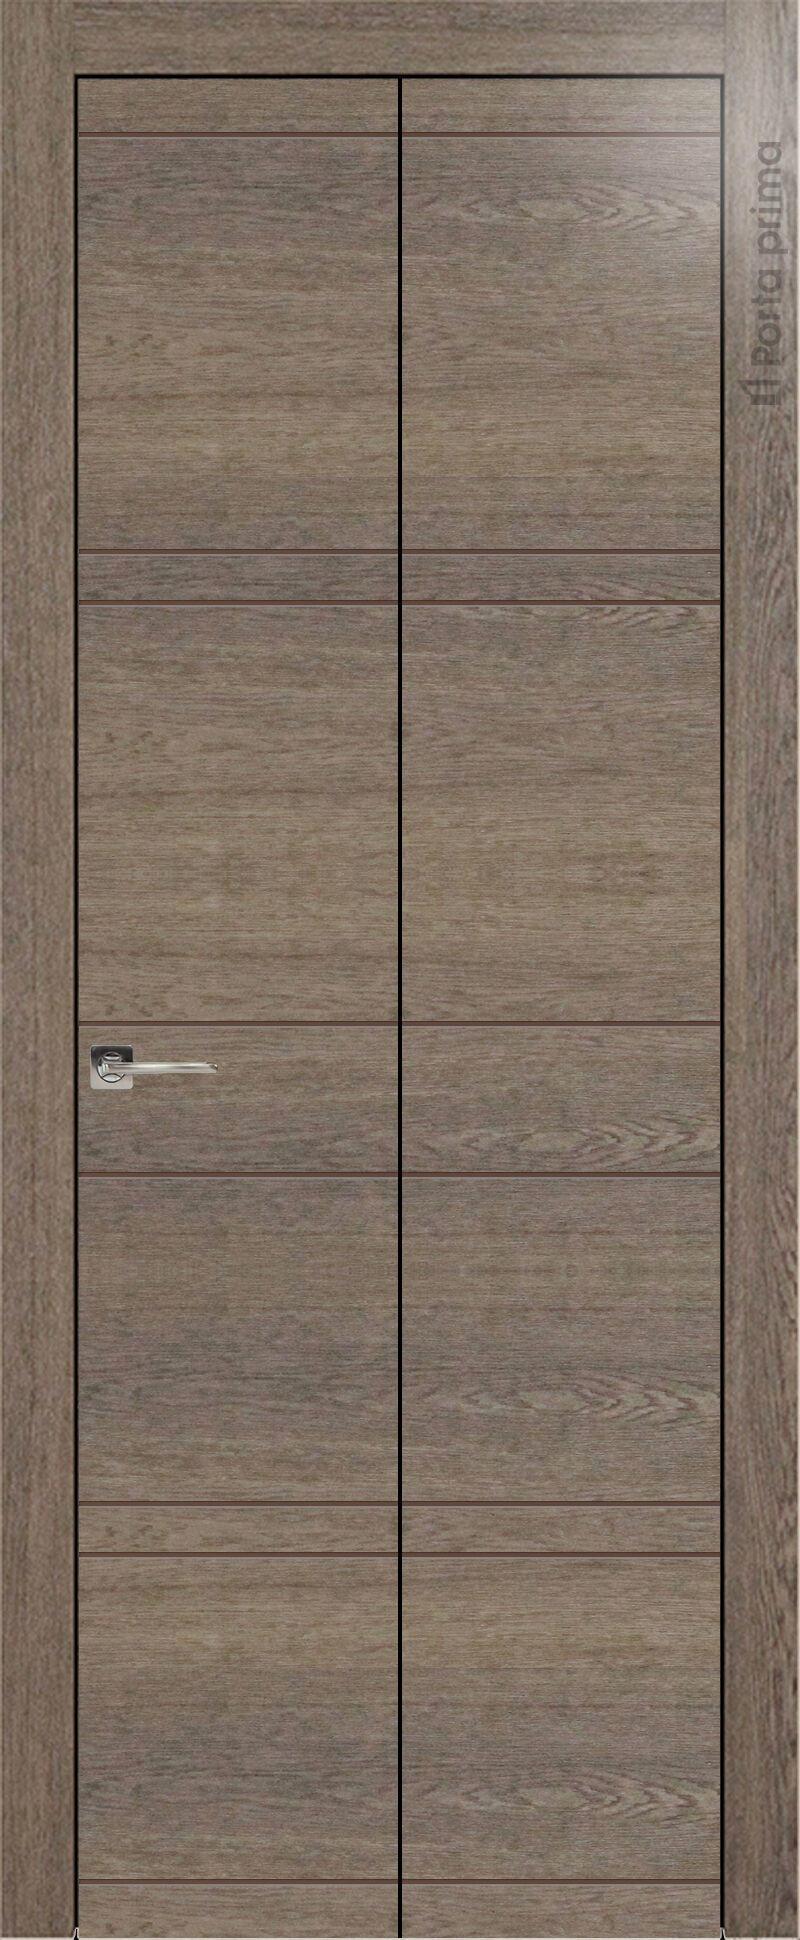 Tivoli Е-2 Книжка цвет - Дуб антик Без стекла (ДГ)